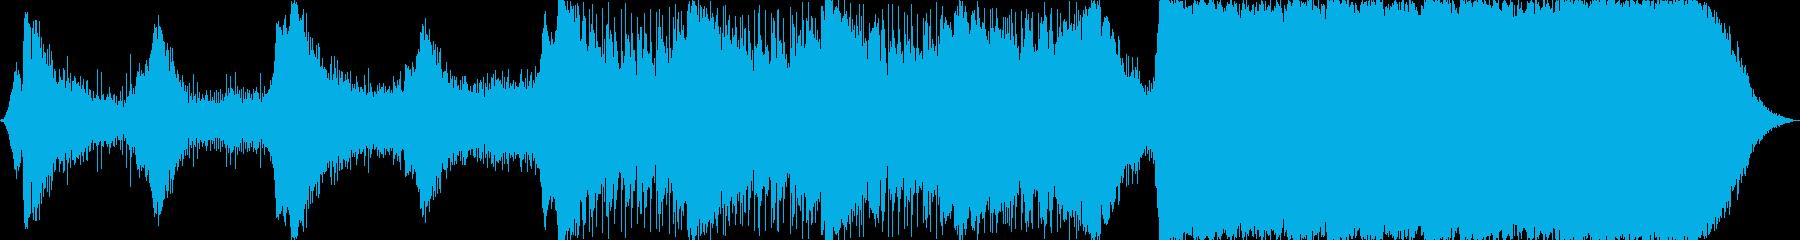 Epic Dubstepの再生済みの波形